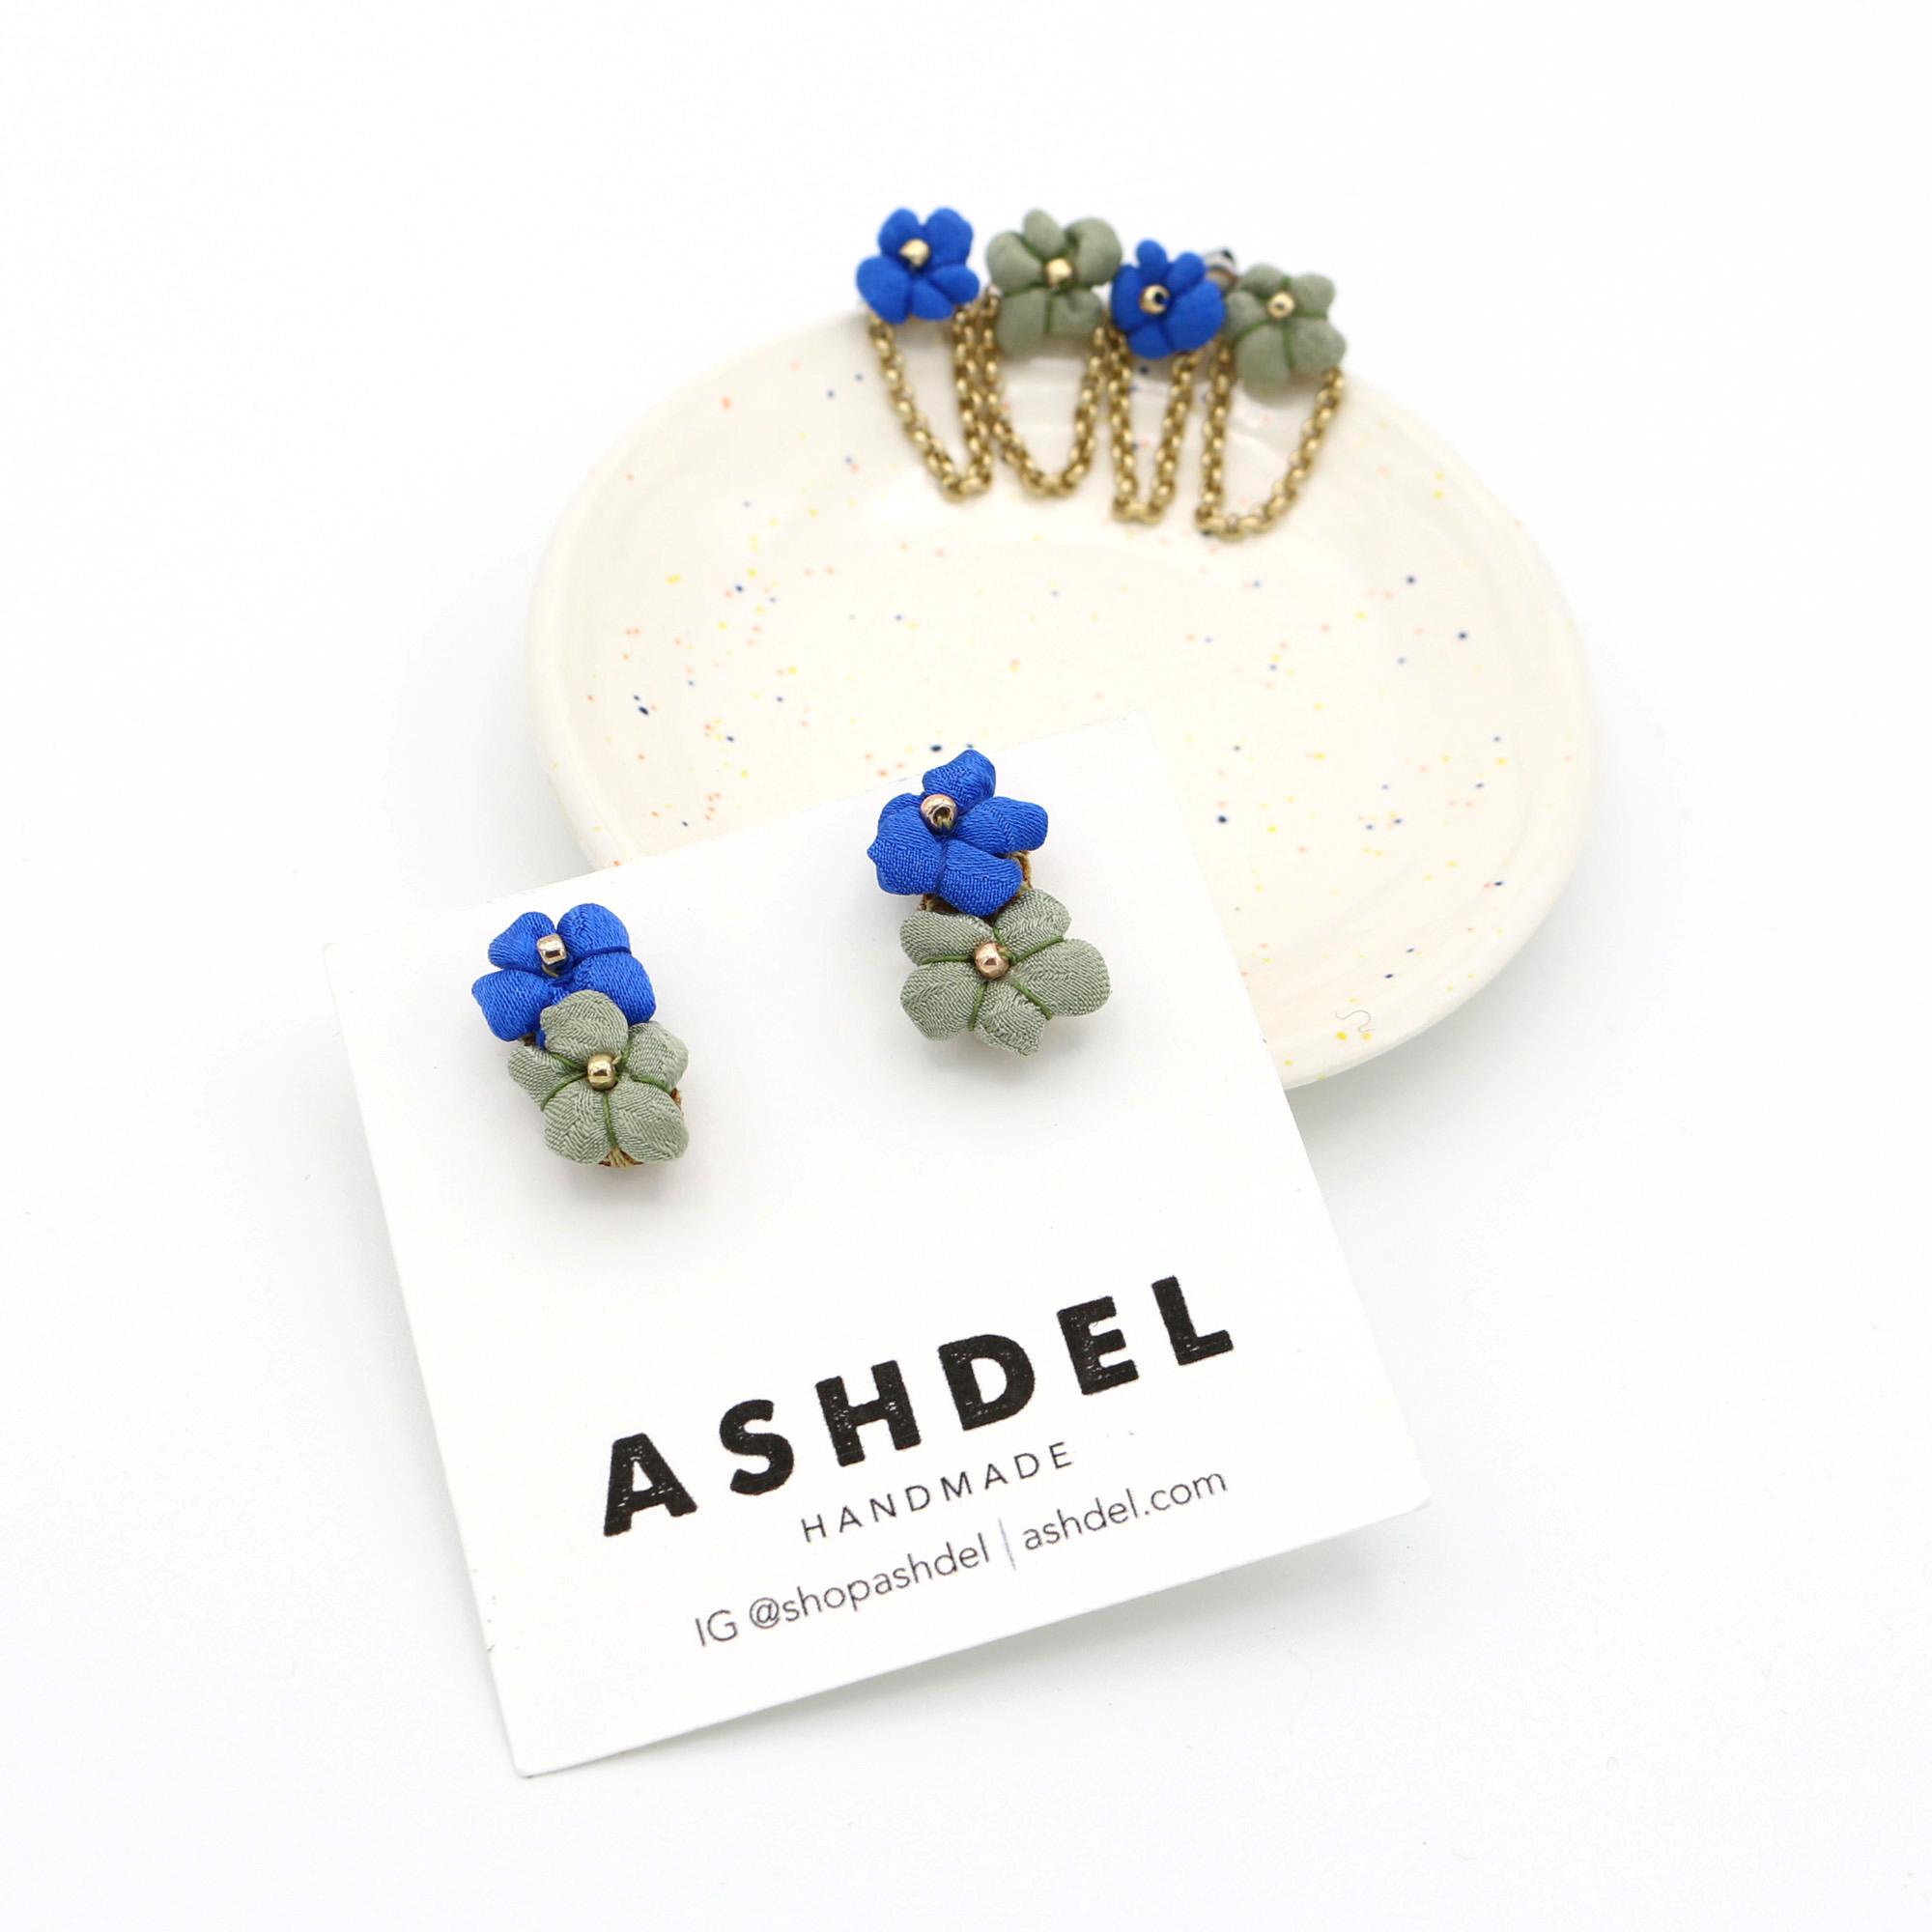 ashdel-floral-earrings.jpg